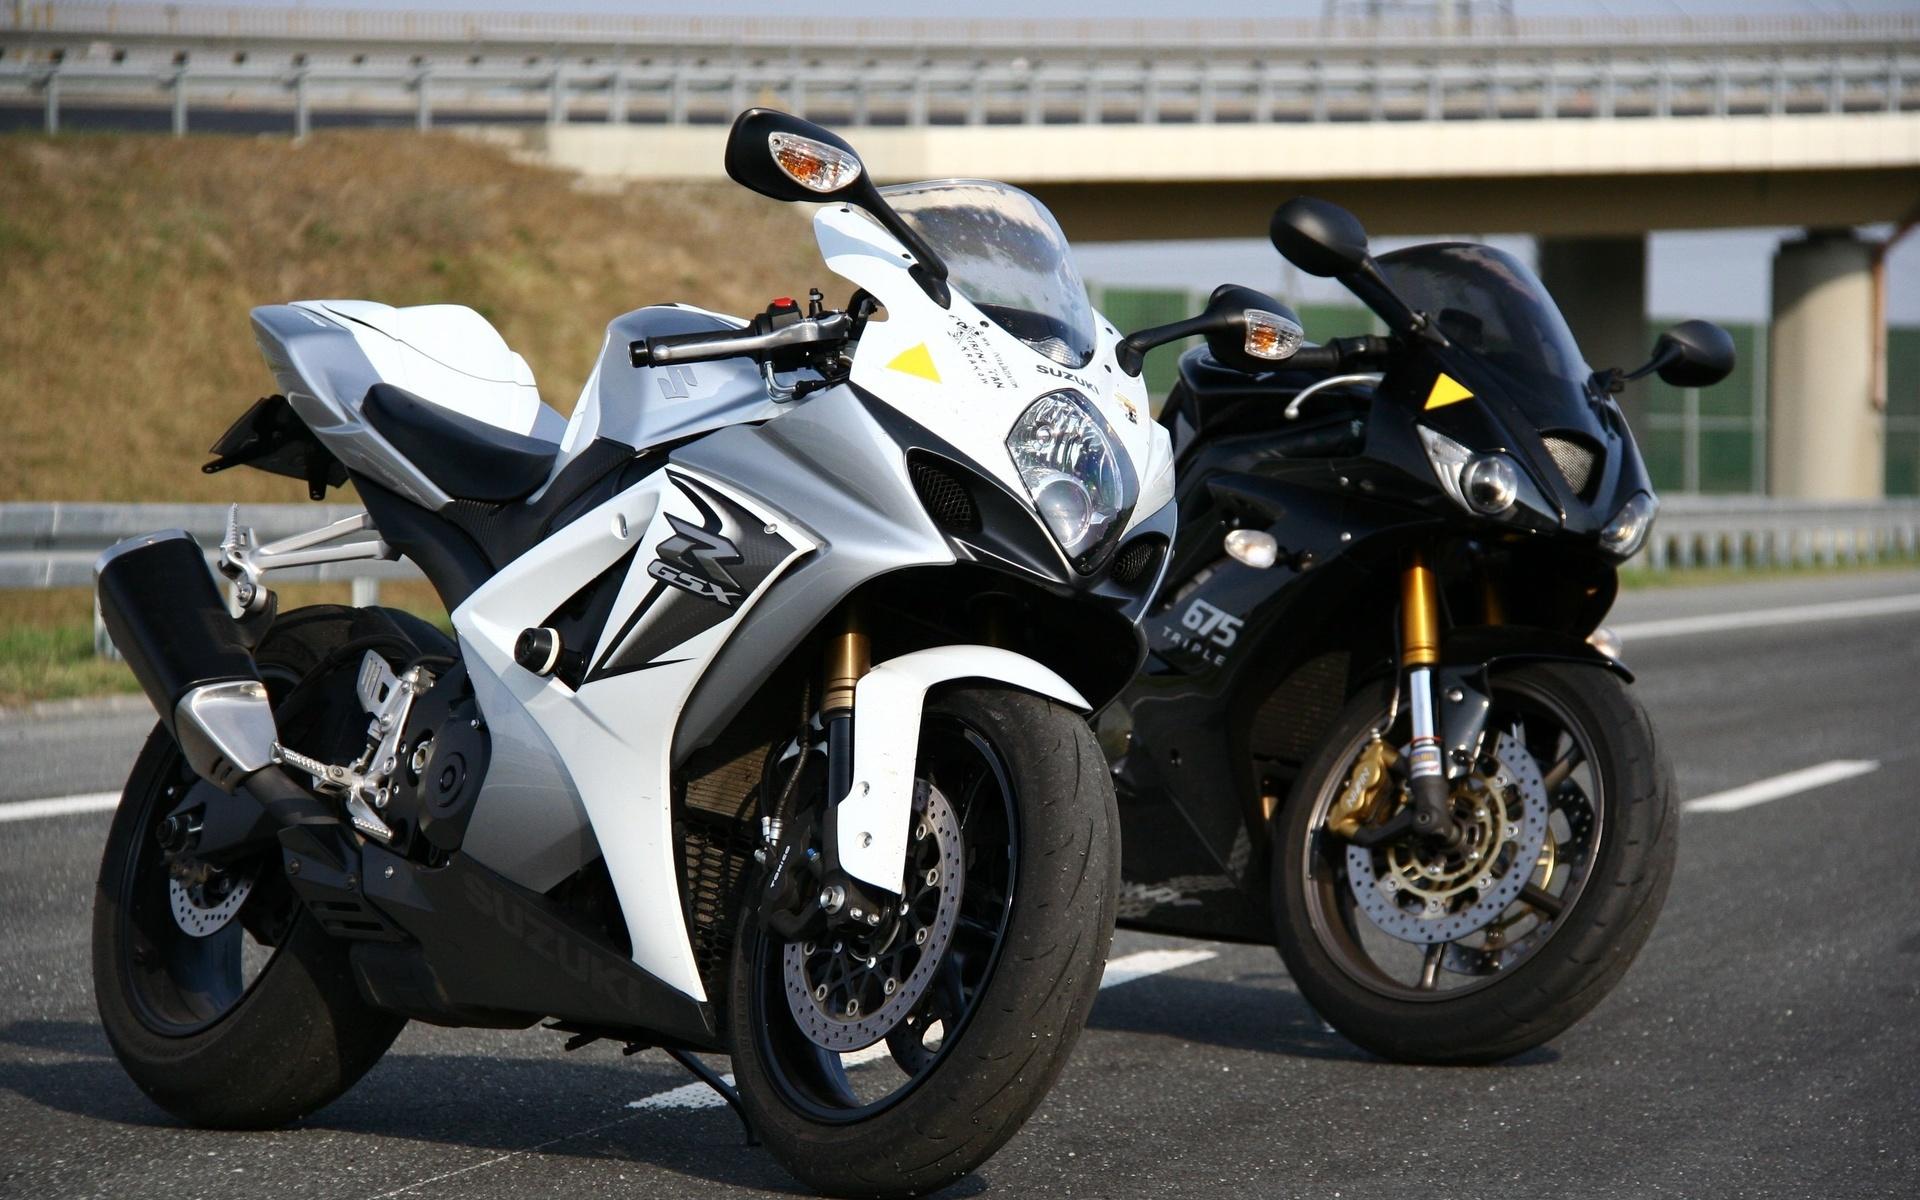 suzuki, triumph, daytona, 675, мотоцикл, байк